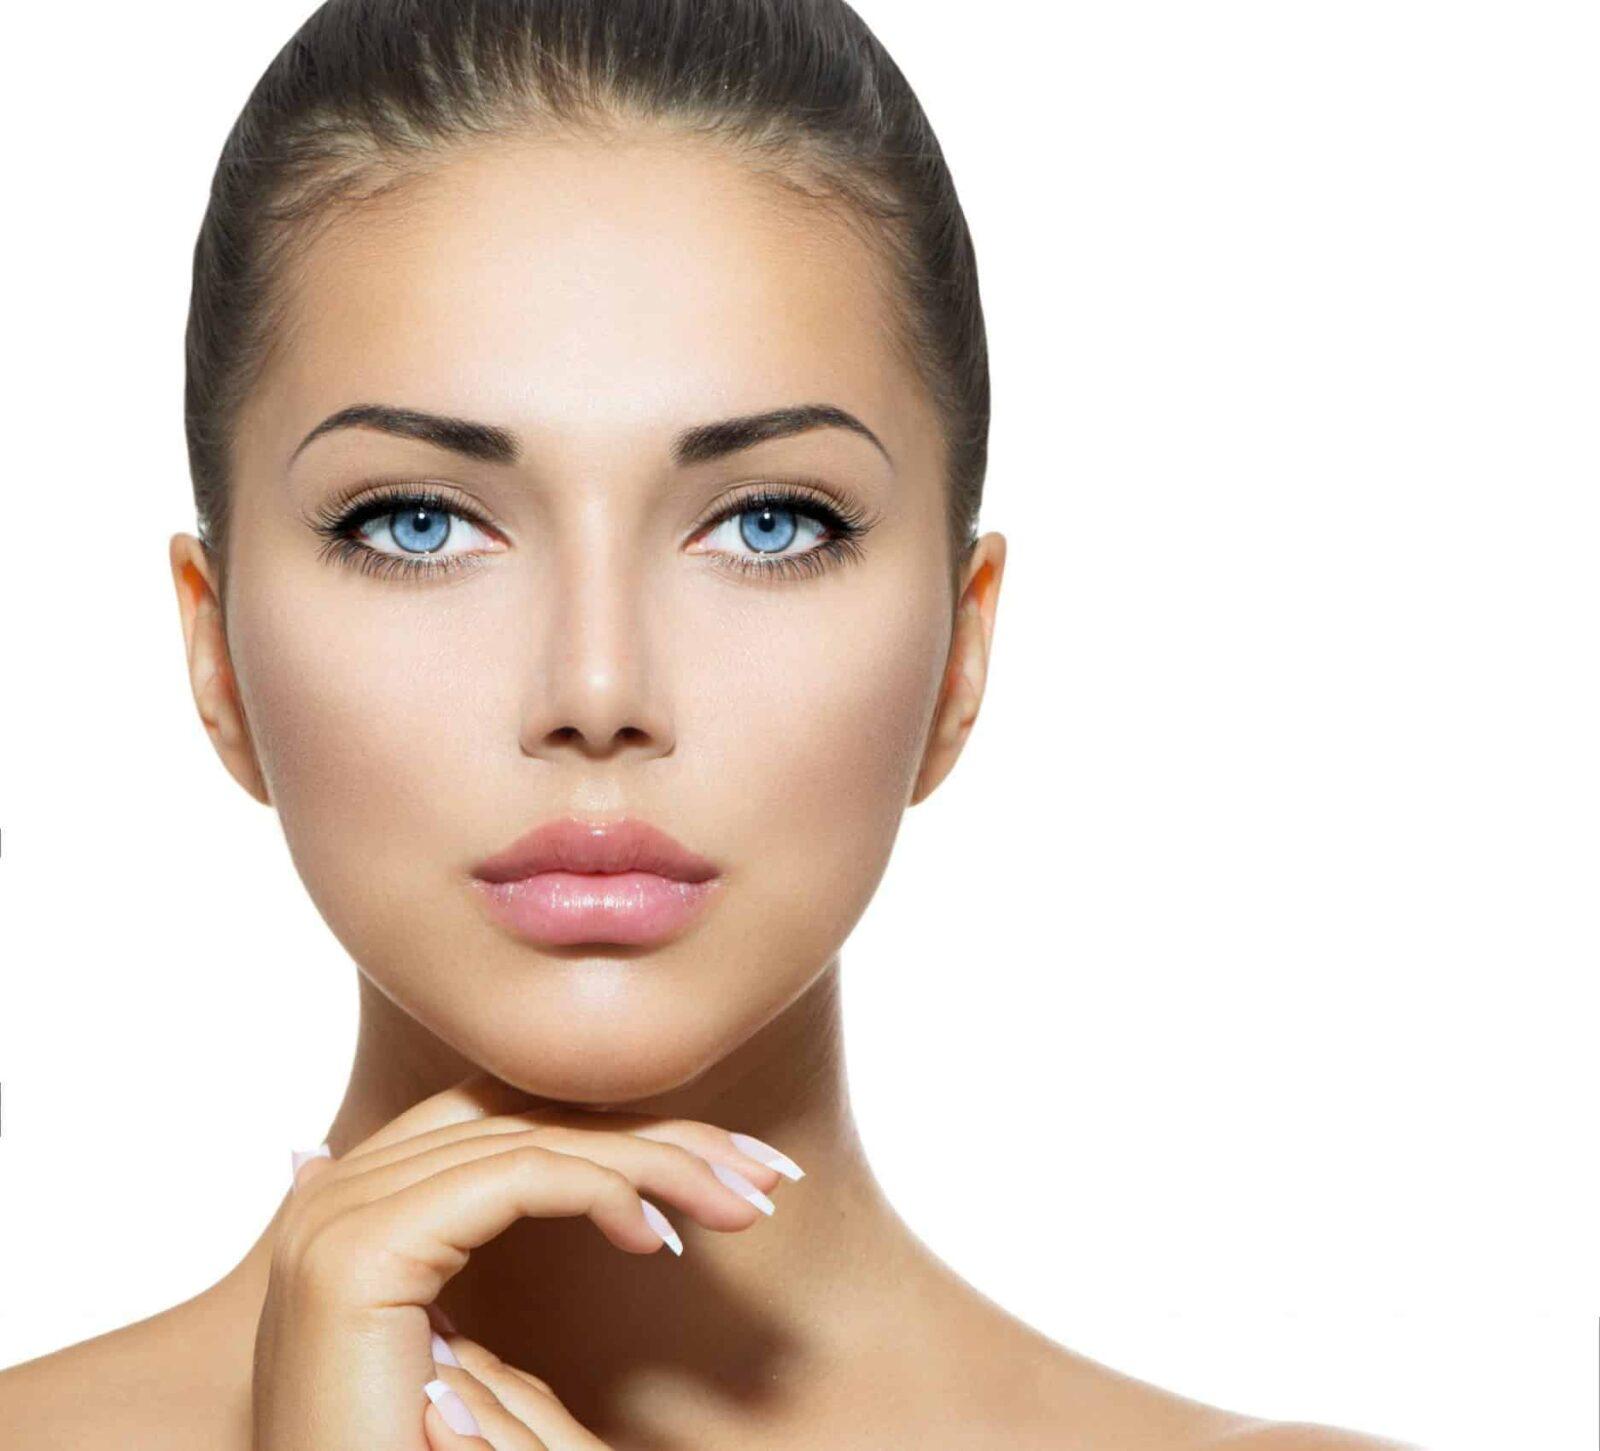 עיבוי שפתיים באמצעות חומצה היאלורונית